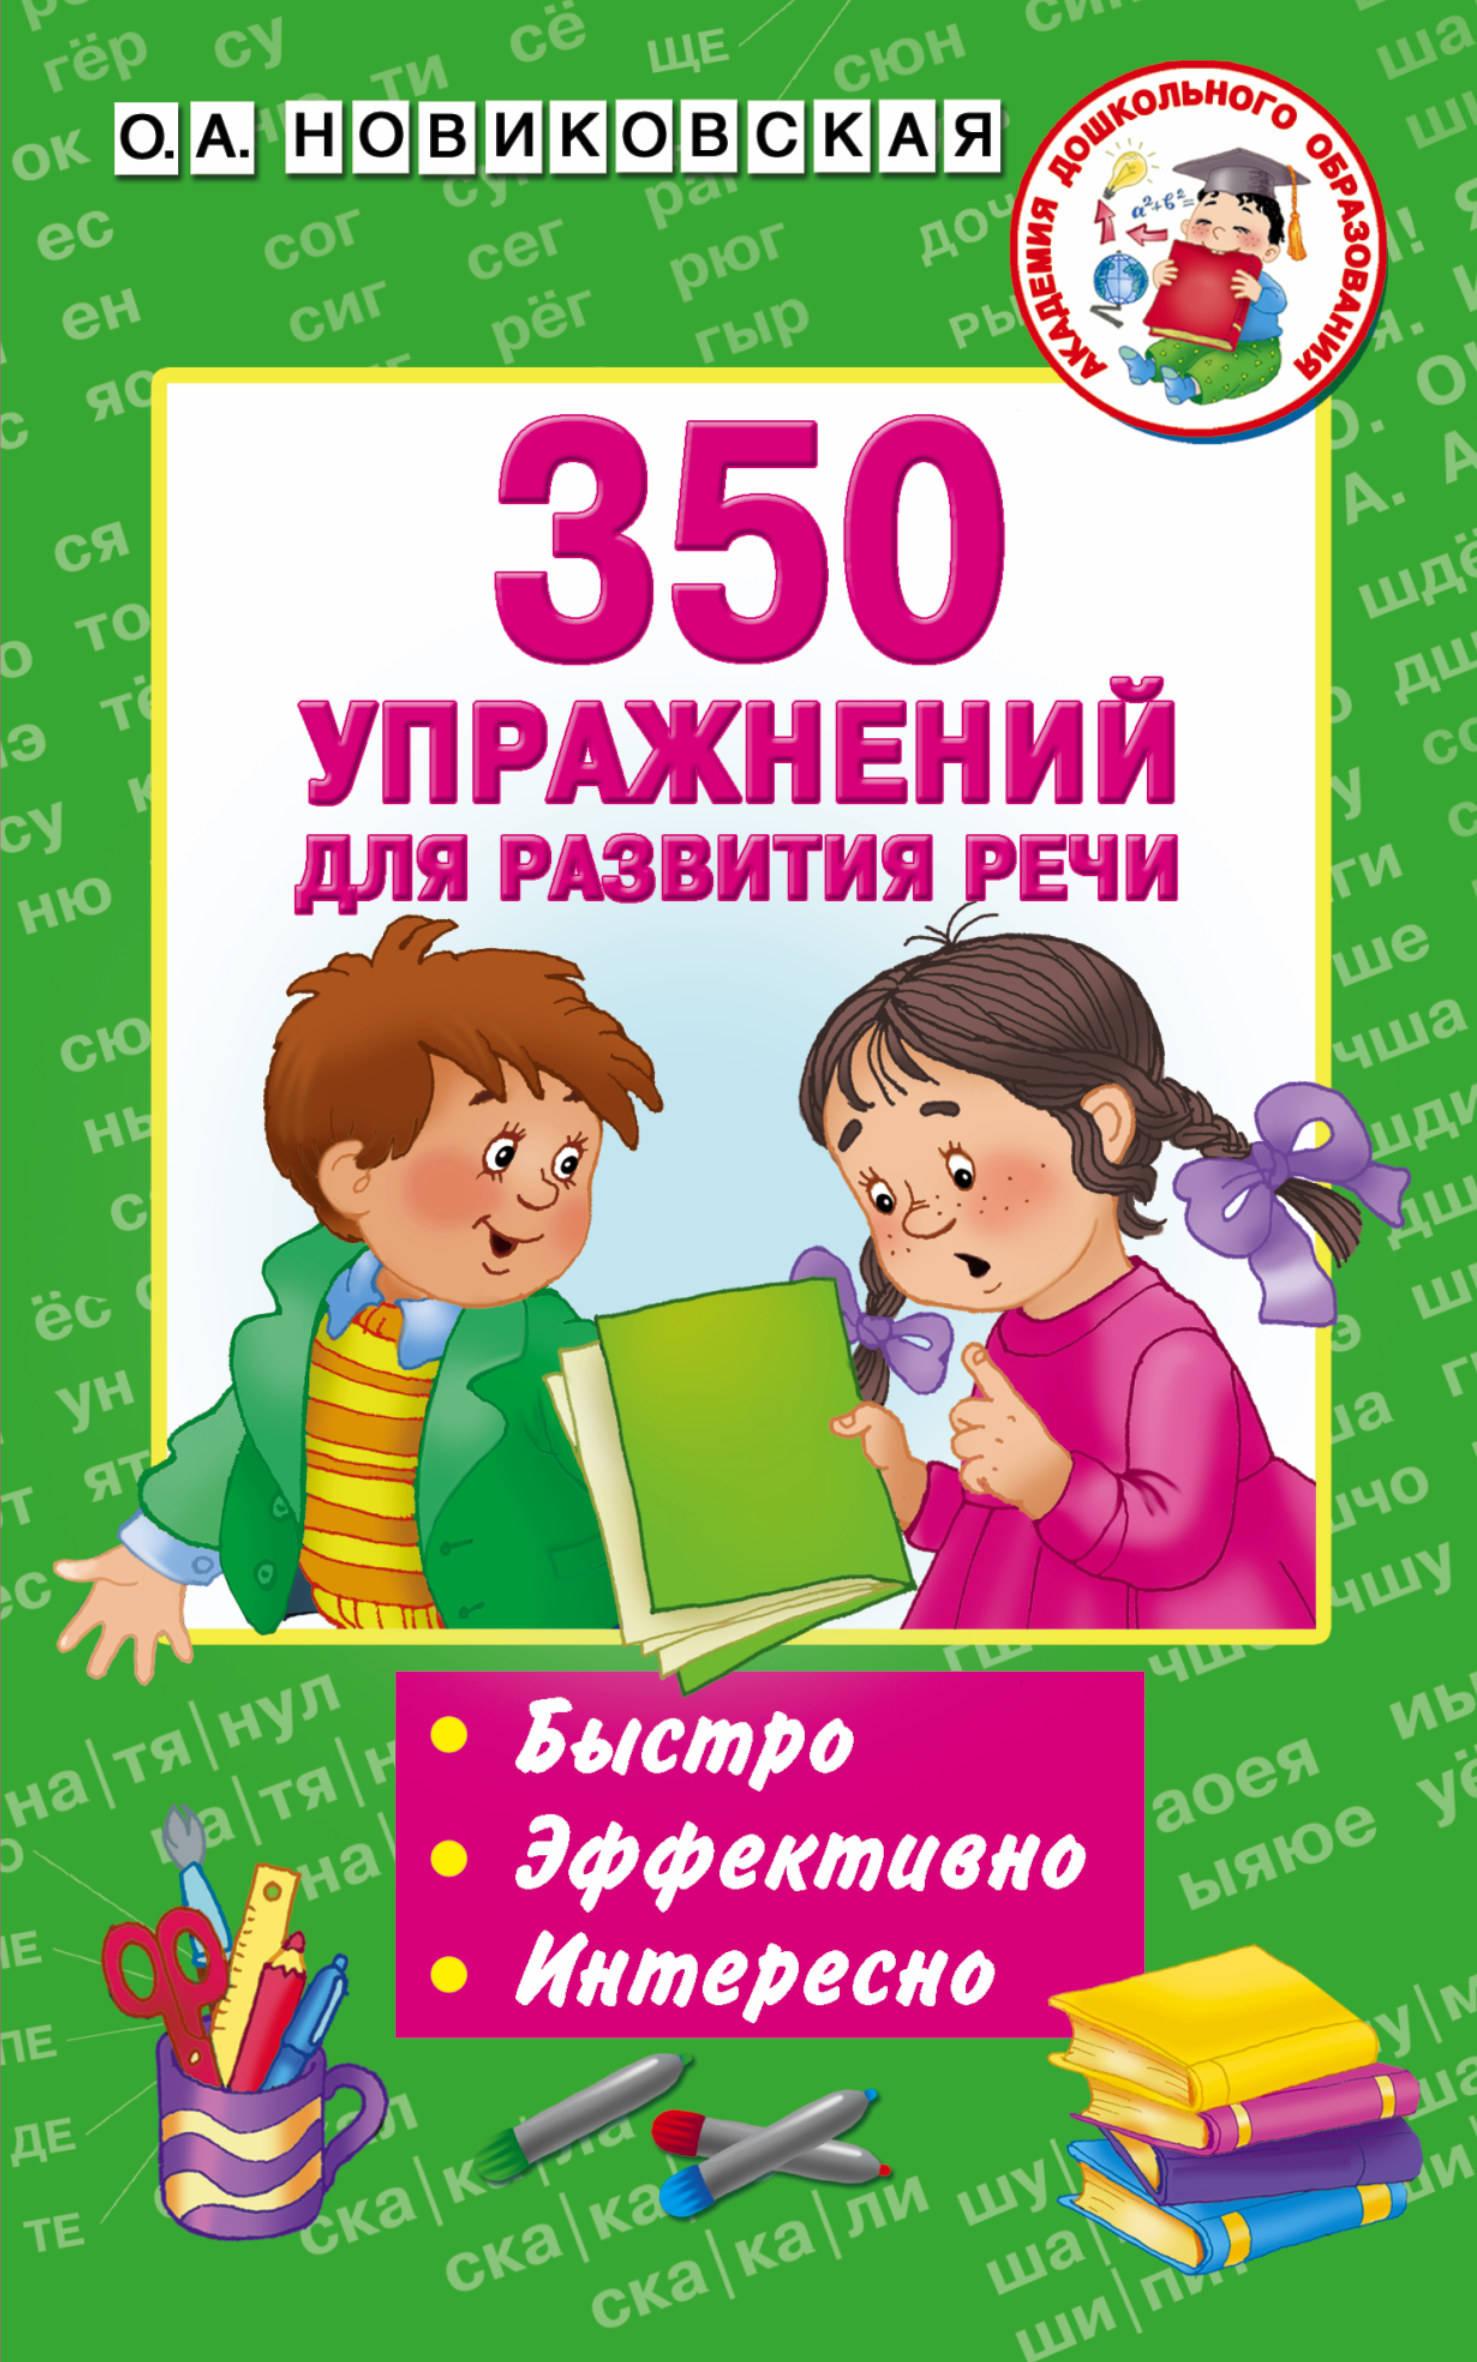 Новиковская Ольга Андреевна 350 упражнений для развития речи новиковская ольга андреевна моя книга подготовки к школе